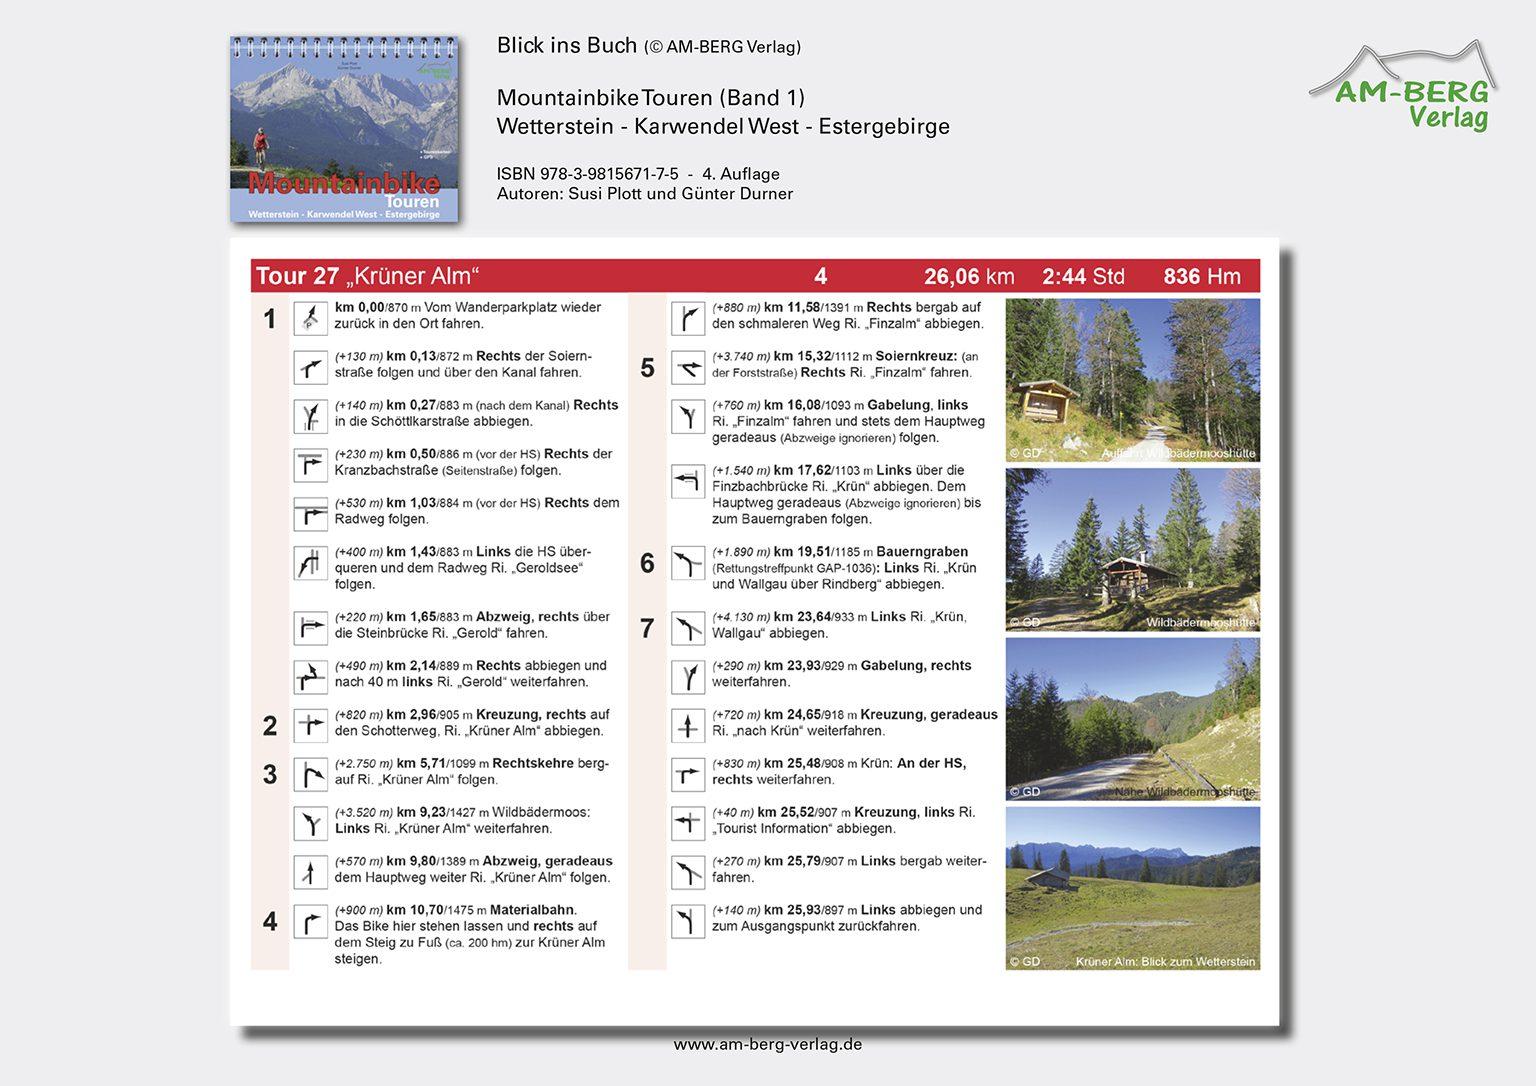 Mountainbike Touren Wetterstein-Karwendel-West-Estergebirge_band1_BlickinsBuch10_Krüner Alm